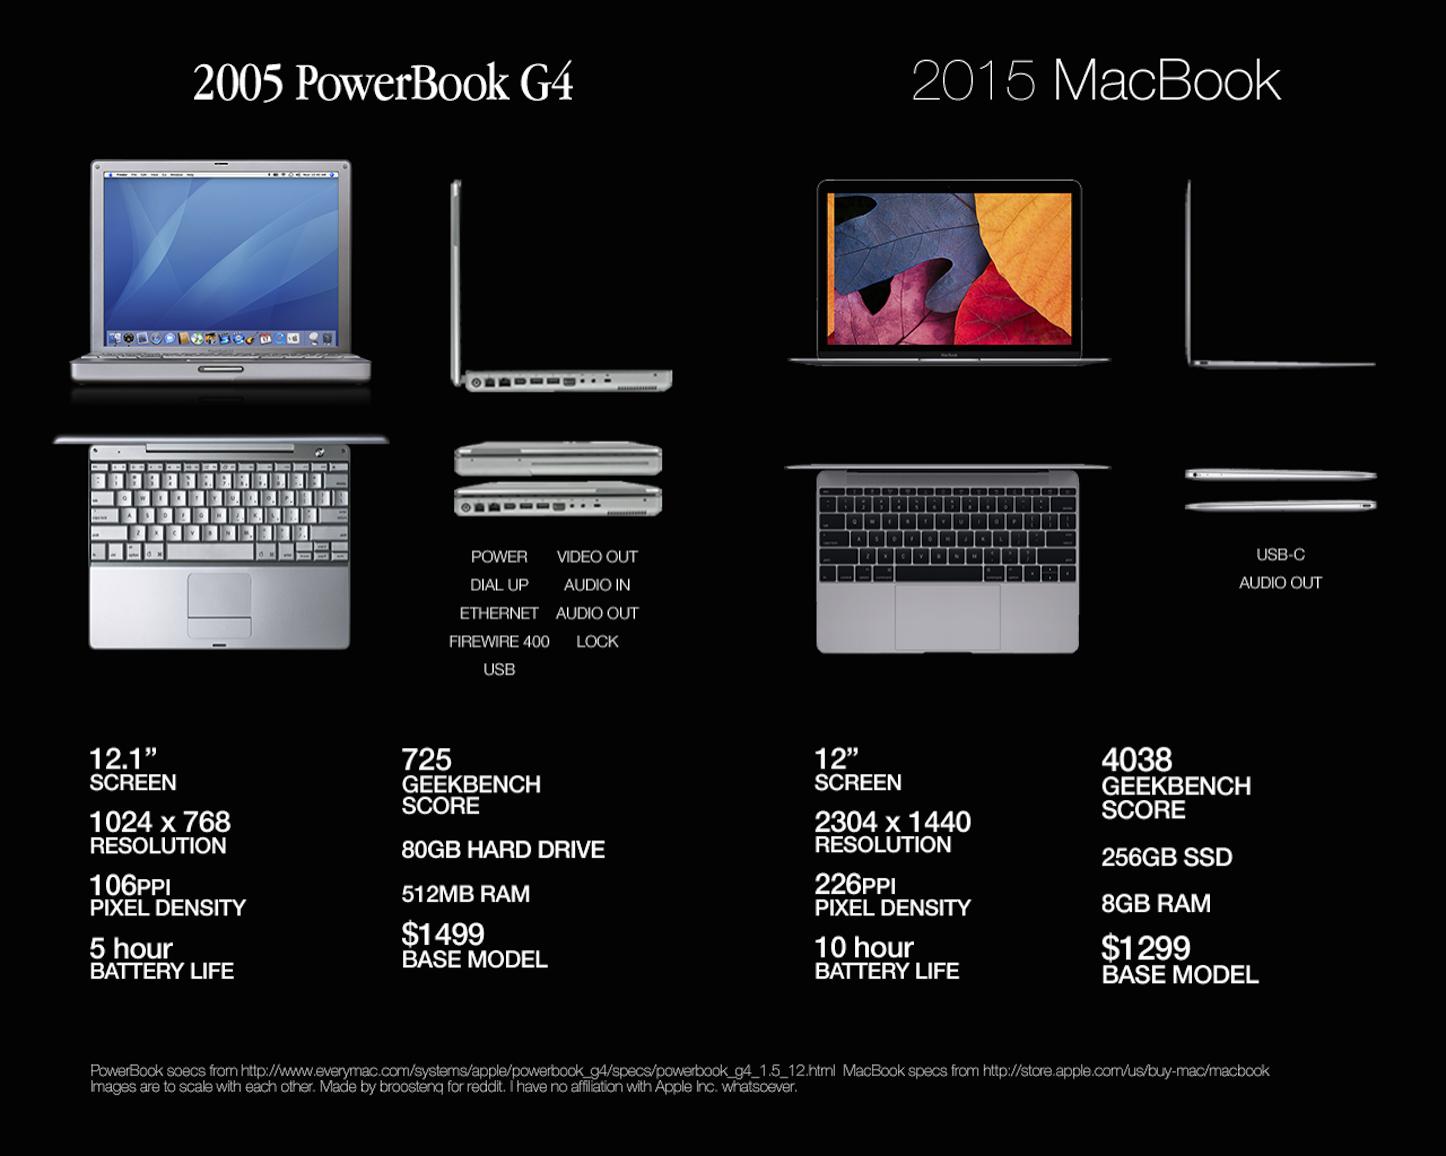 12-inch-retina-macbook-vs-12-inch-powerbook.png